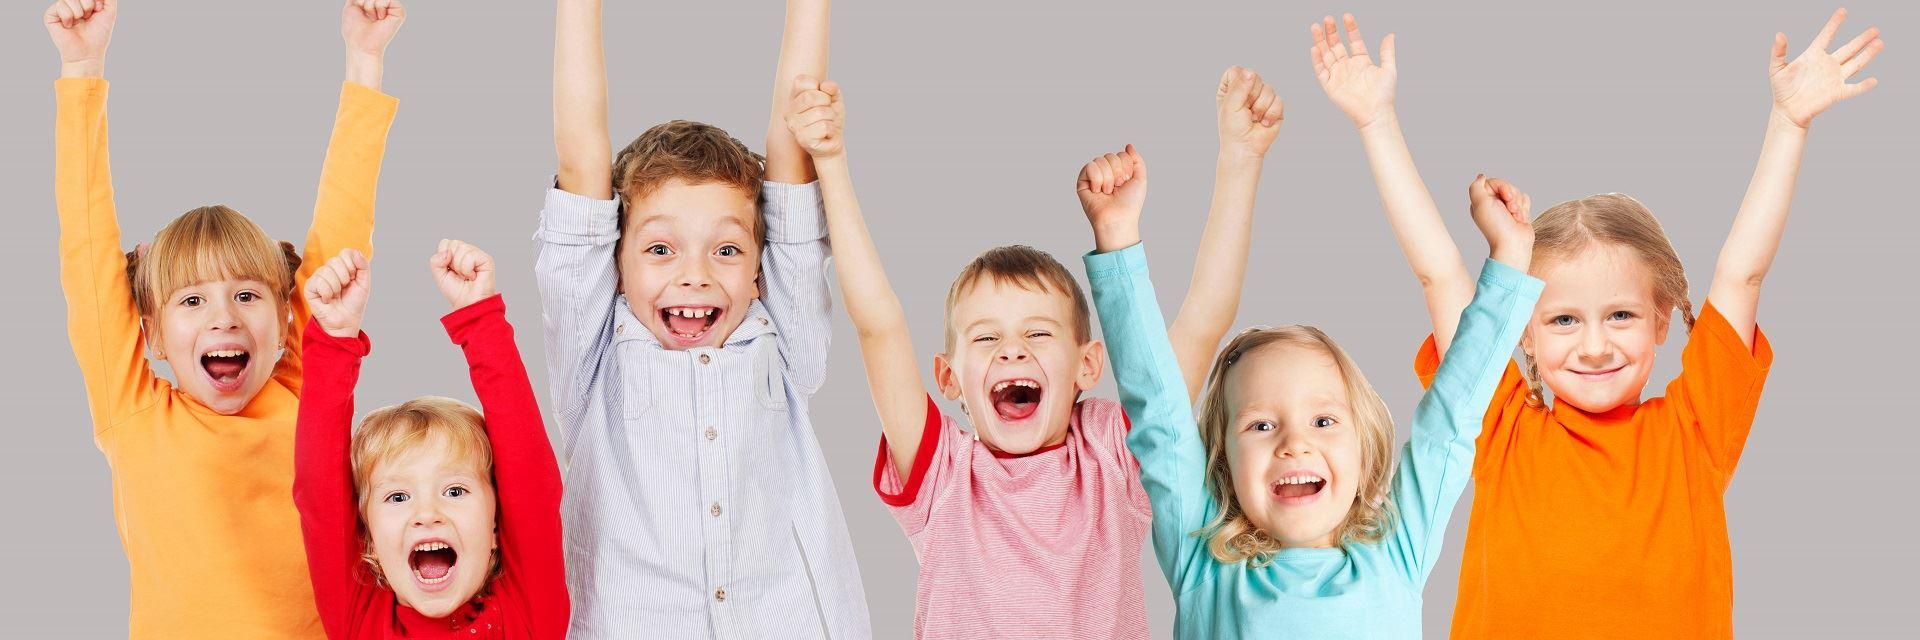 Uśmiechnięte i radosne dzieci